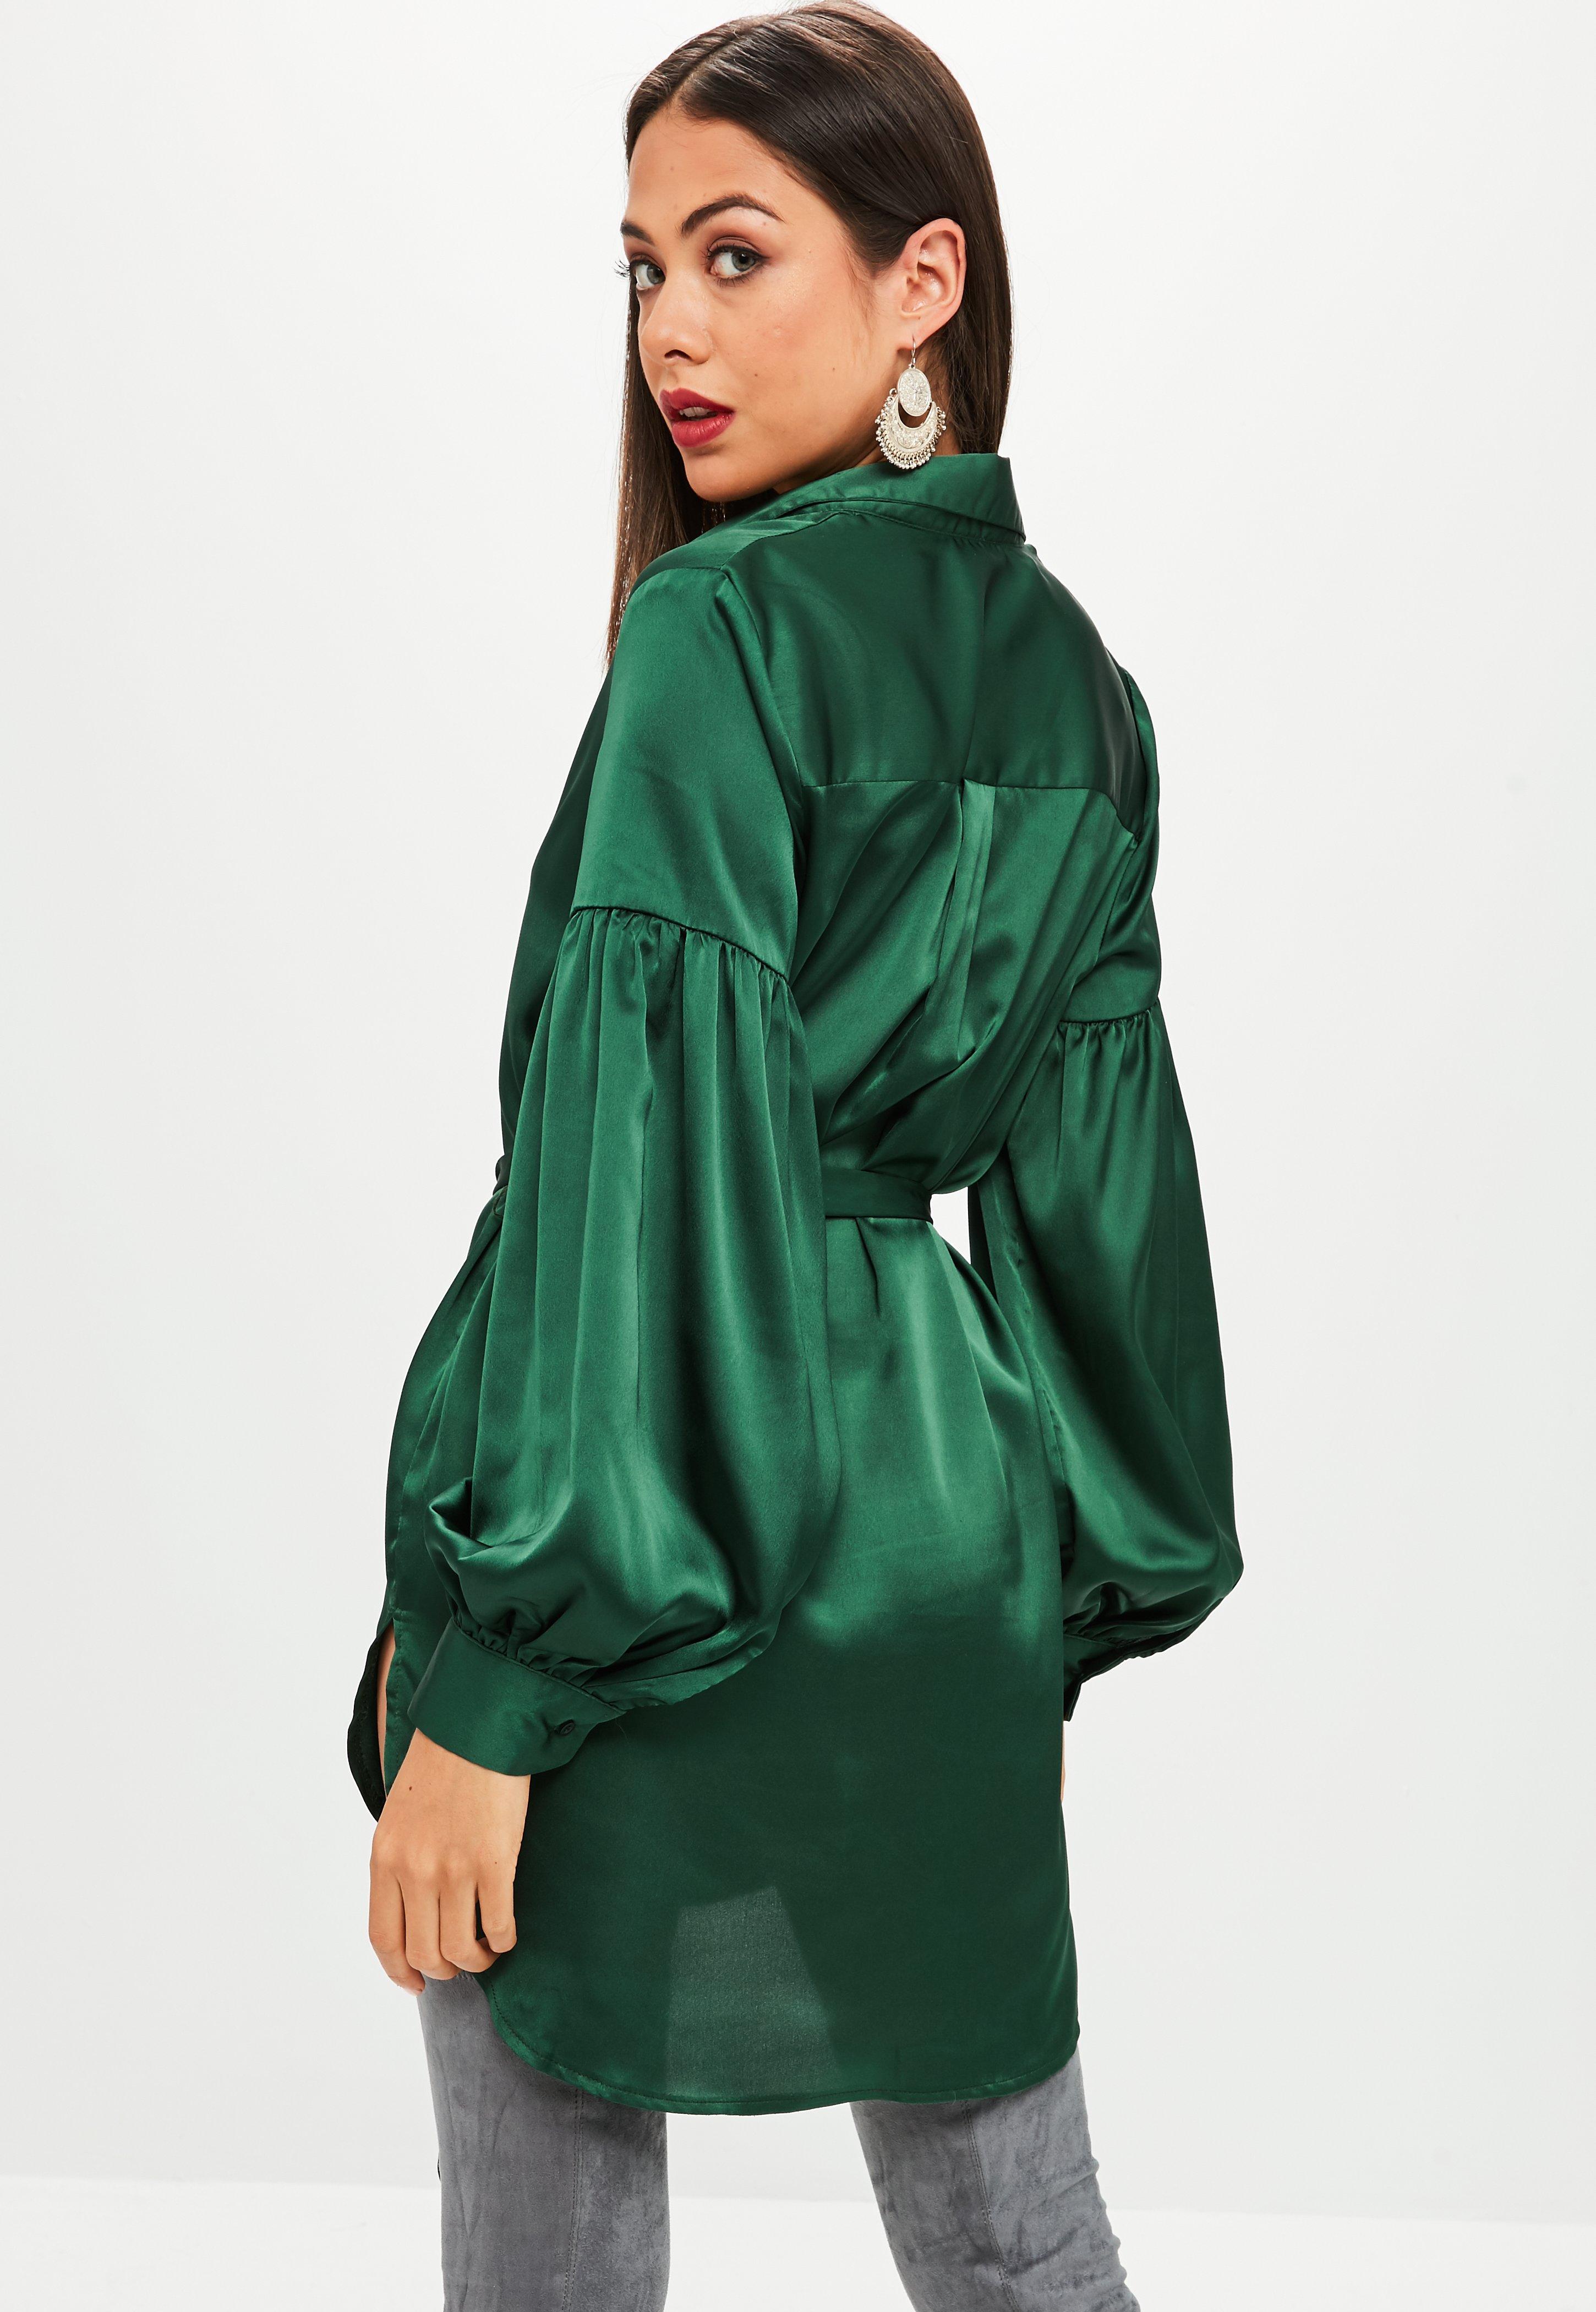 Green Satin Puff Sleeve Shirt Dress  Missguided Ireland